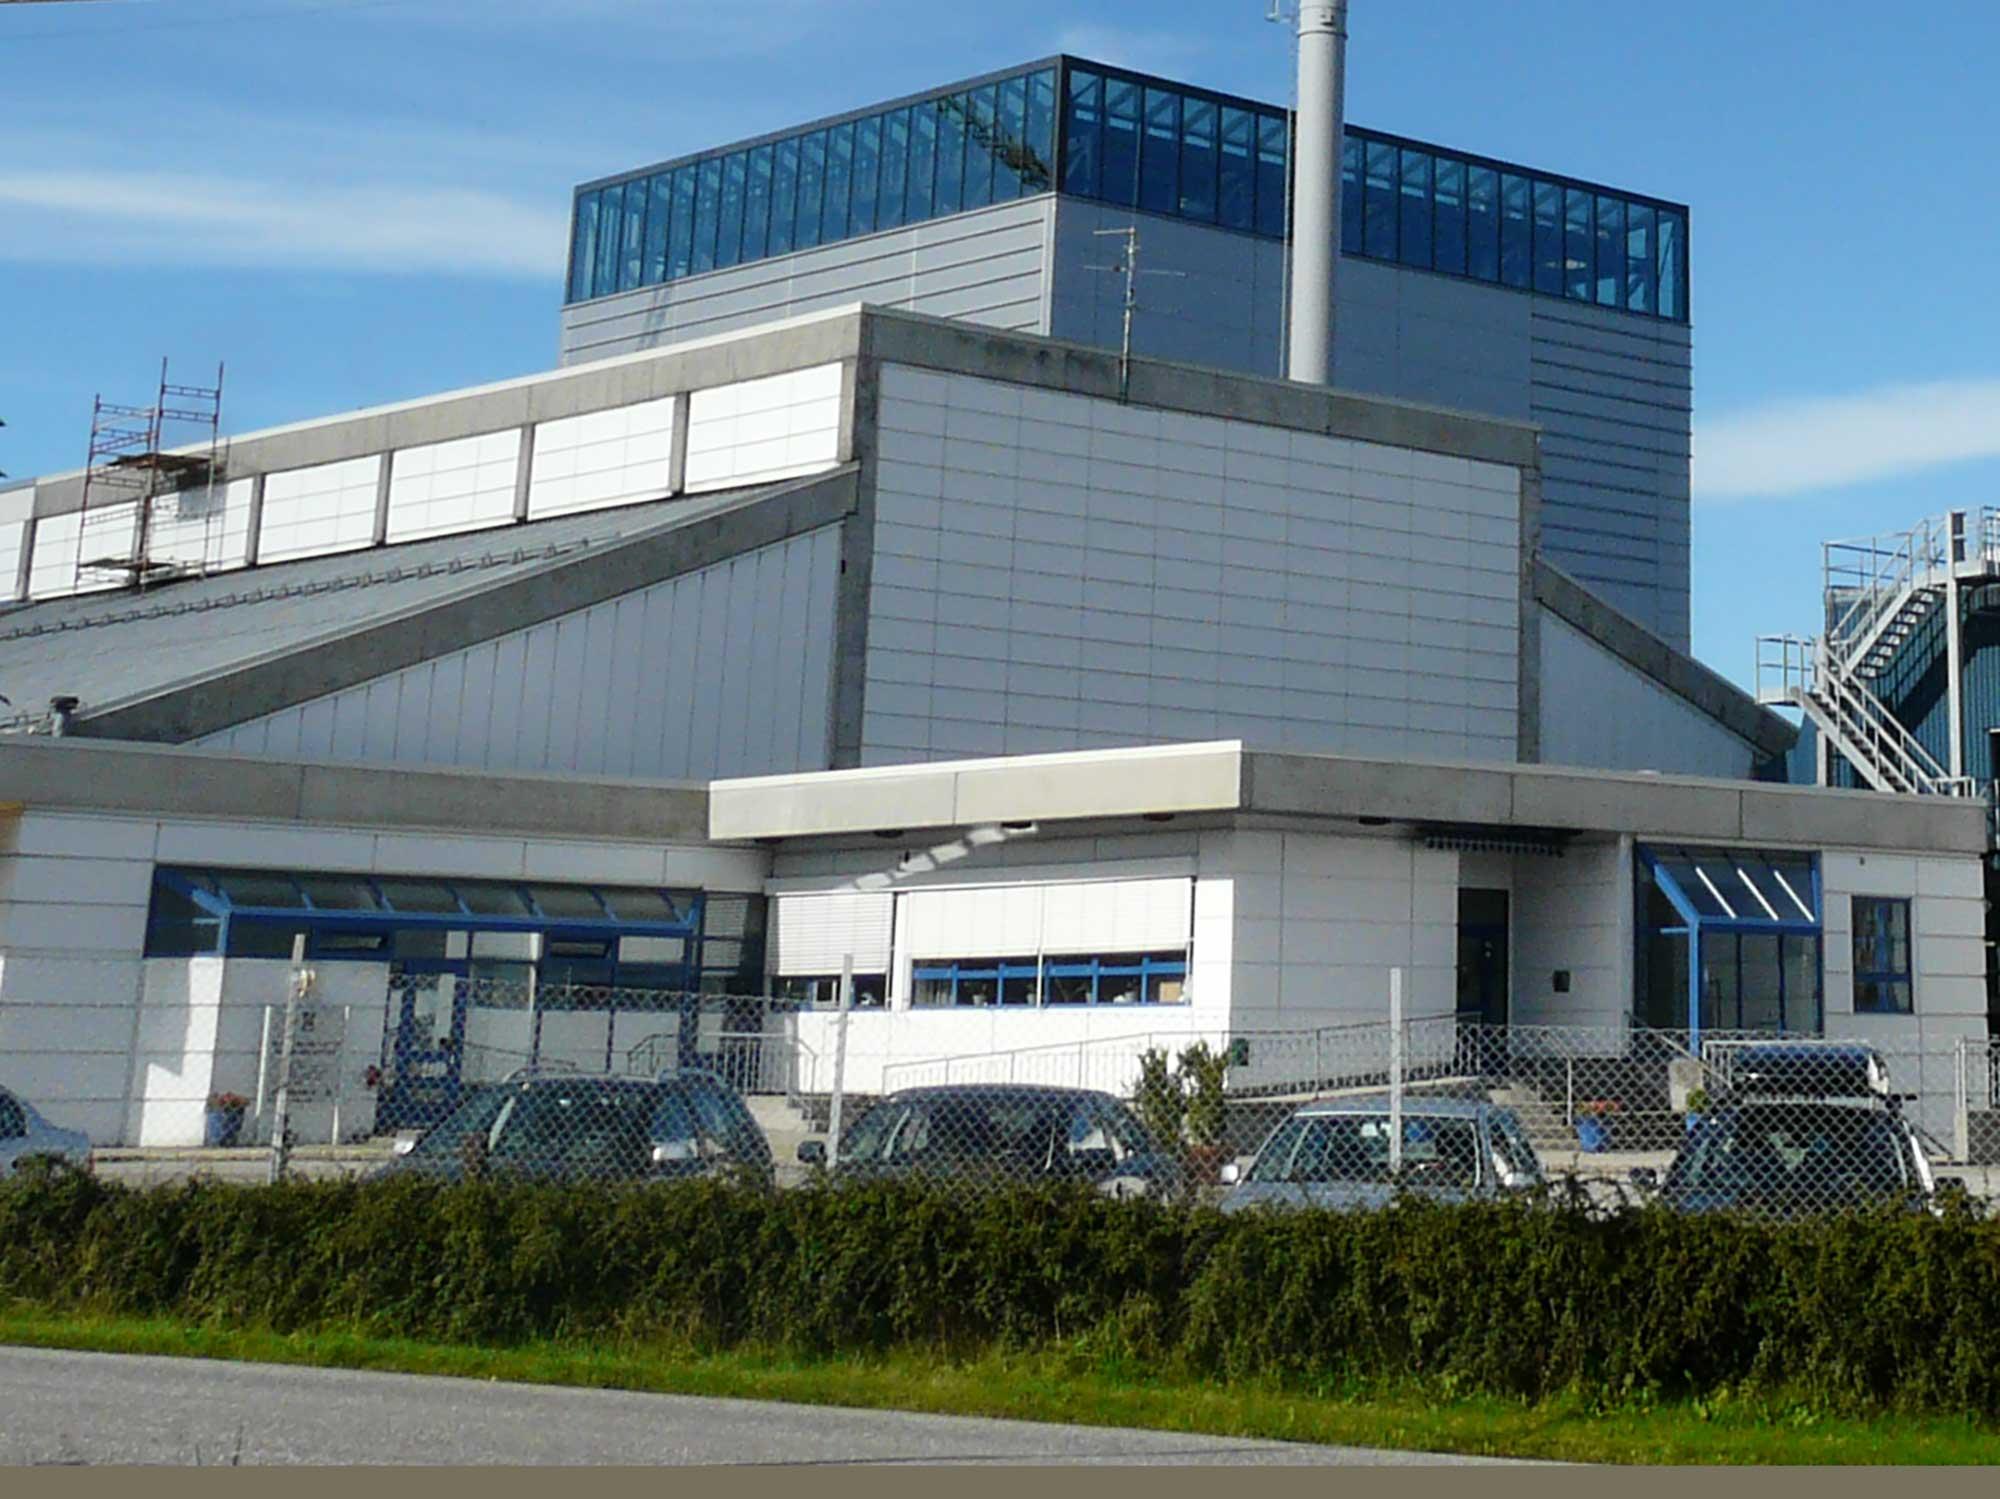 Tidlig i 1980-årene inngikk Tafjord Kraftselskap og Ålesund kommune samarbeidsavtale om bygging og drift av et forbrenningsanlegg for avfall, med produksjon av fjernvarme. Ålesund Forbrenningsanlegg stod klart i 1987.